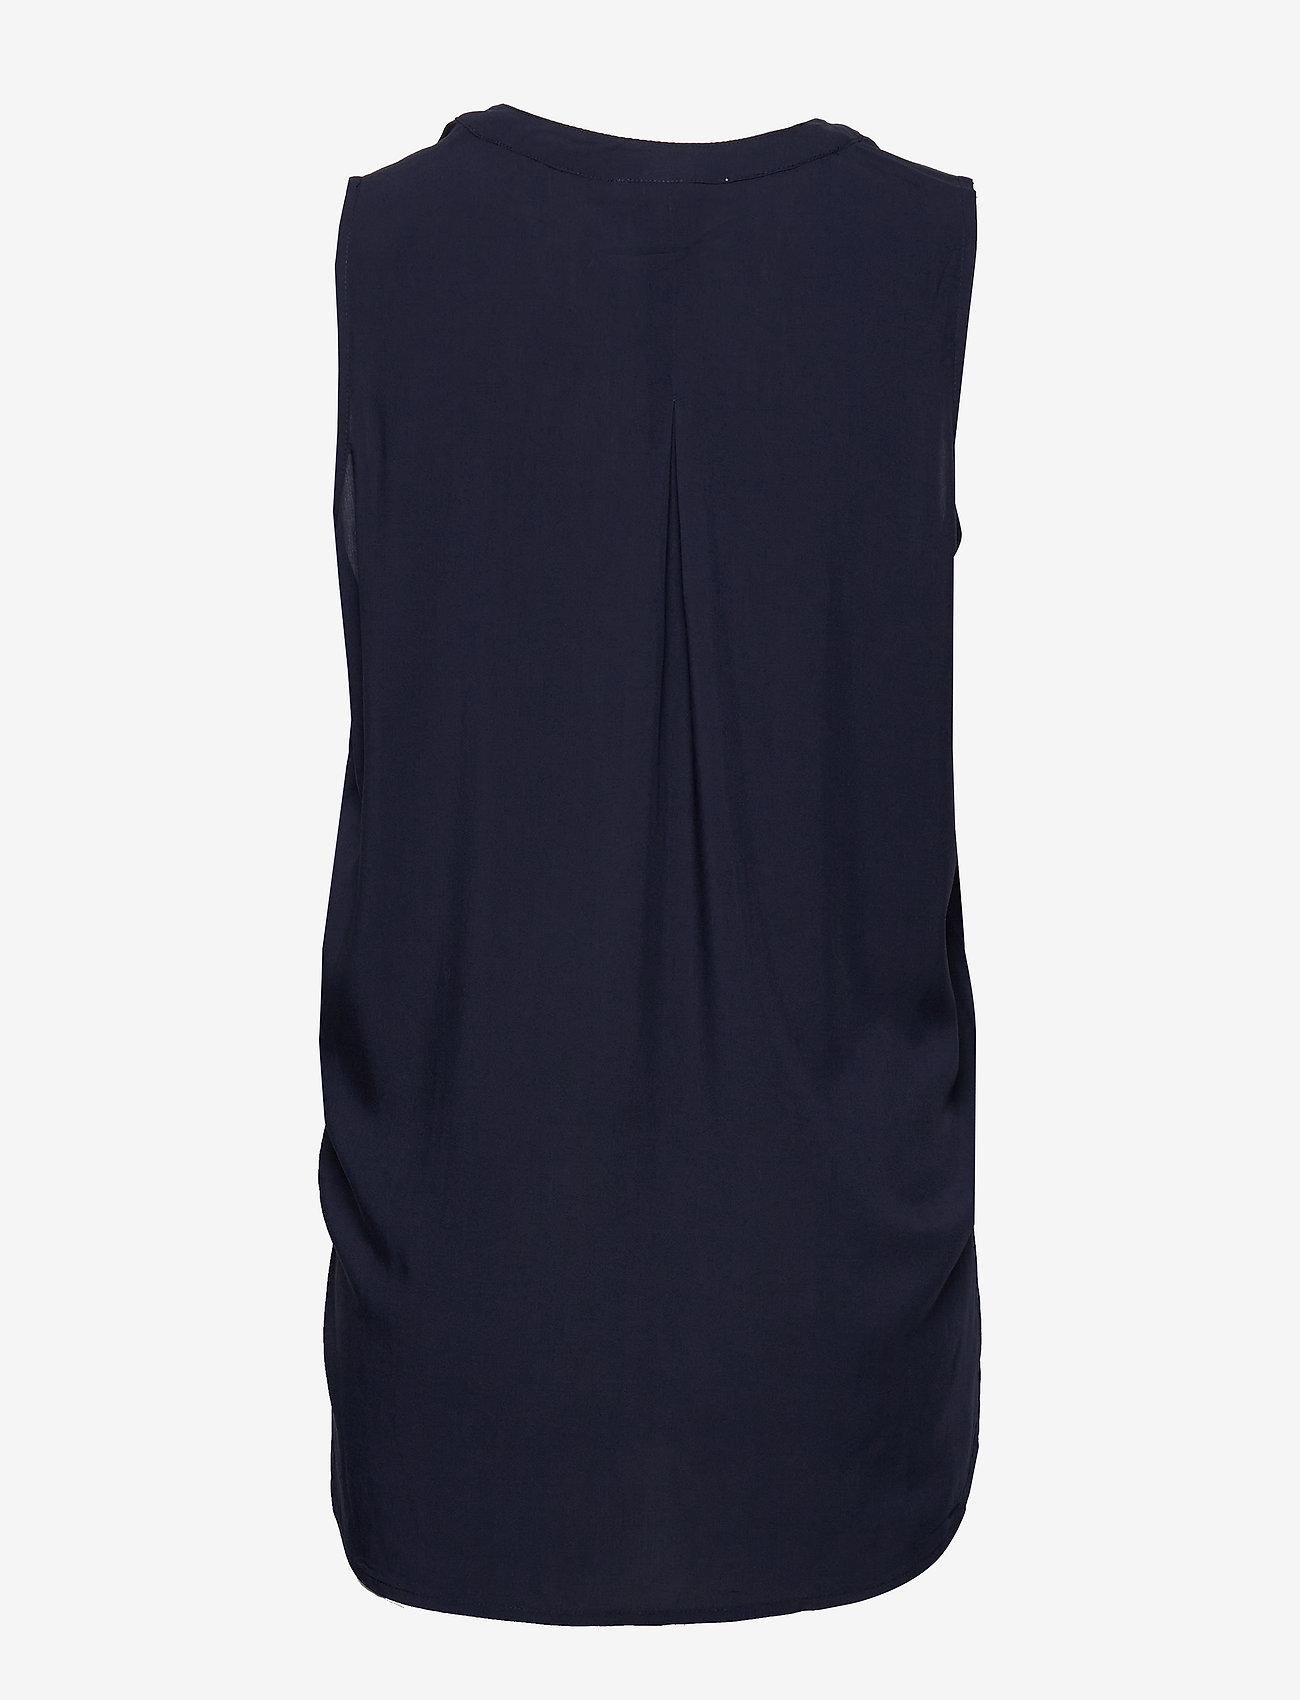 Esprit Casual - Blouses woven - Ærmeløse bluser - navy - 1